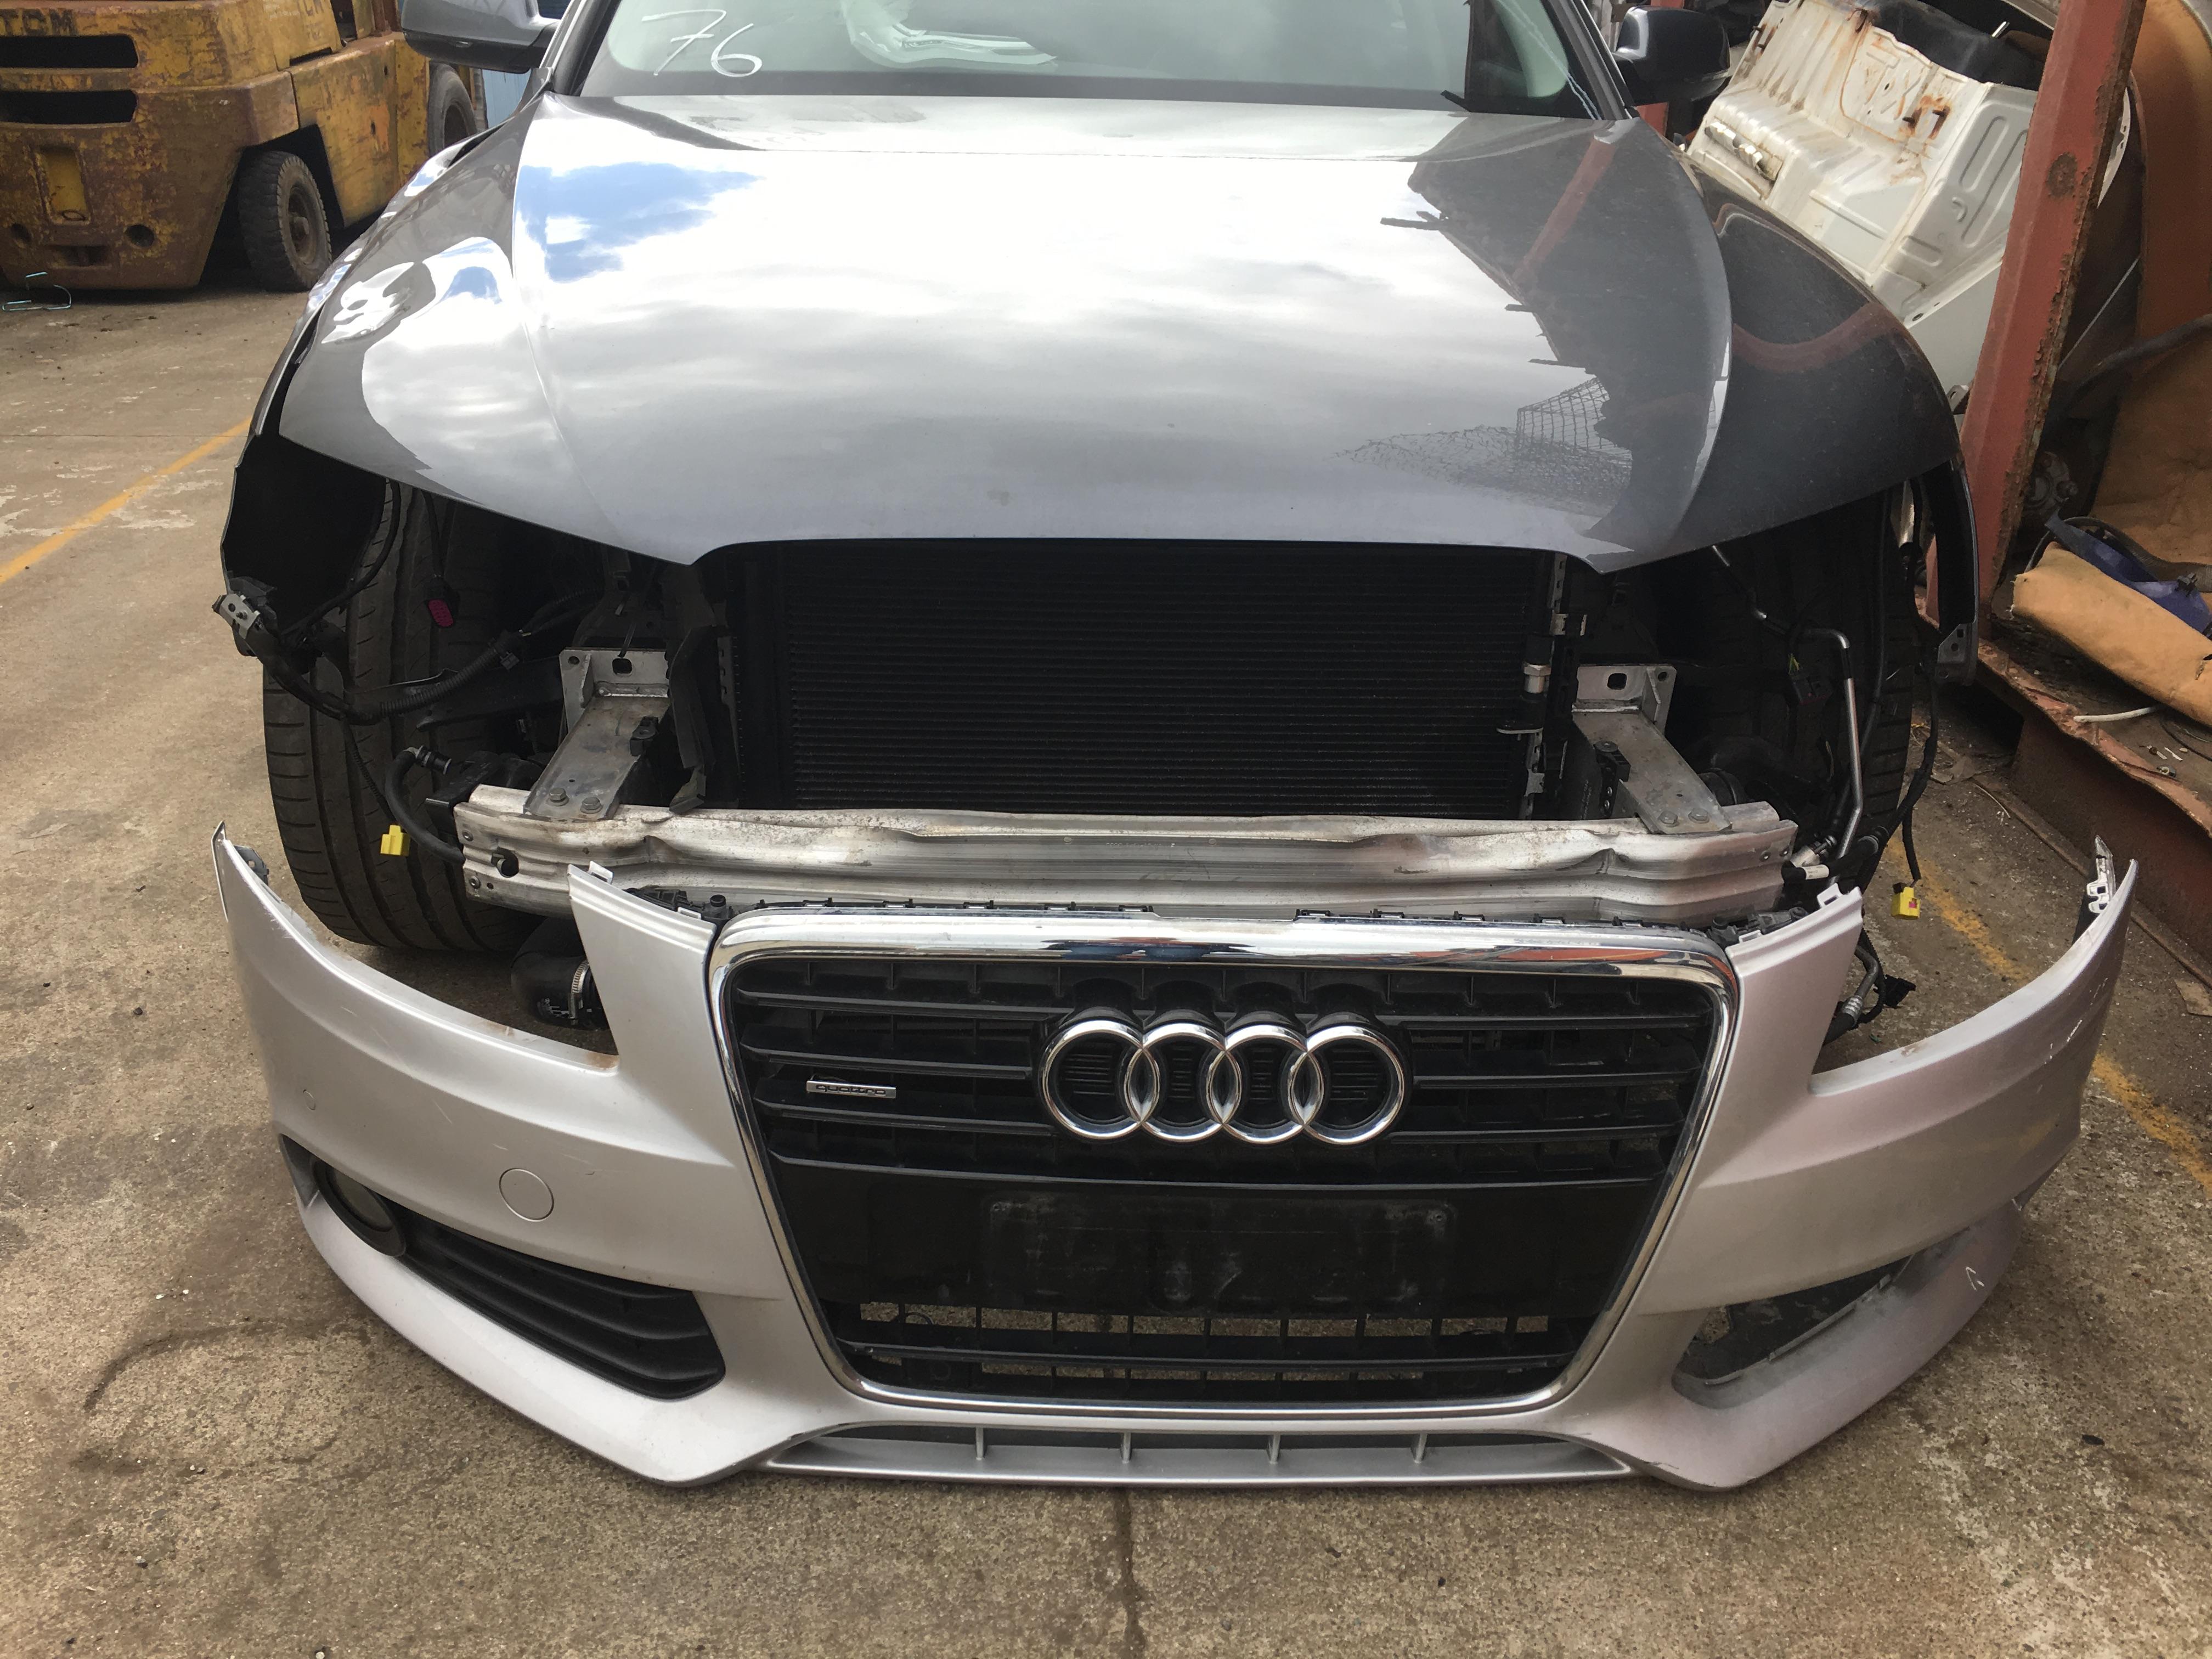 Audi A4 2013 1.8 Sedan